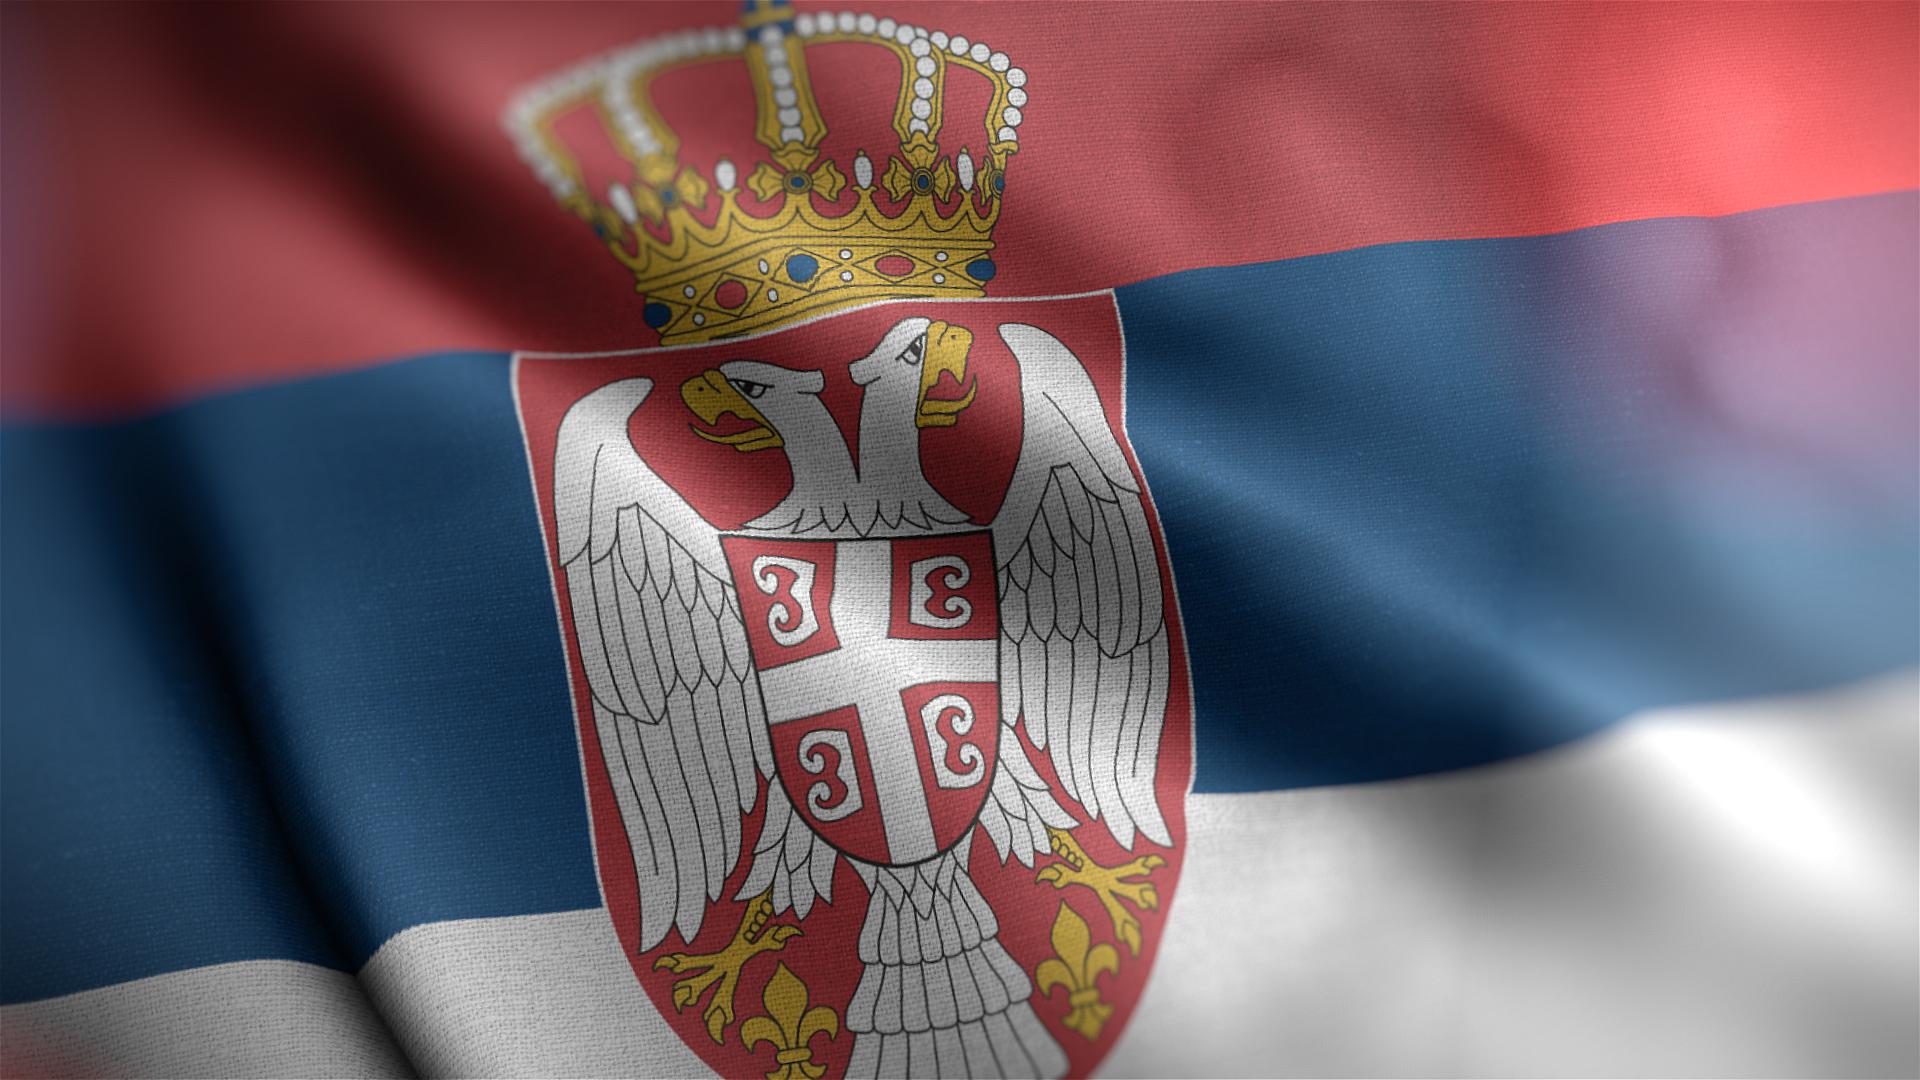 Одлукa о одређивању посебних мера заштите становништва од заразне болести COVID-19 на територији Градa Београдa која се примењује и на систем спортa